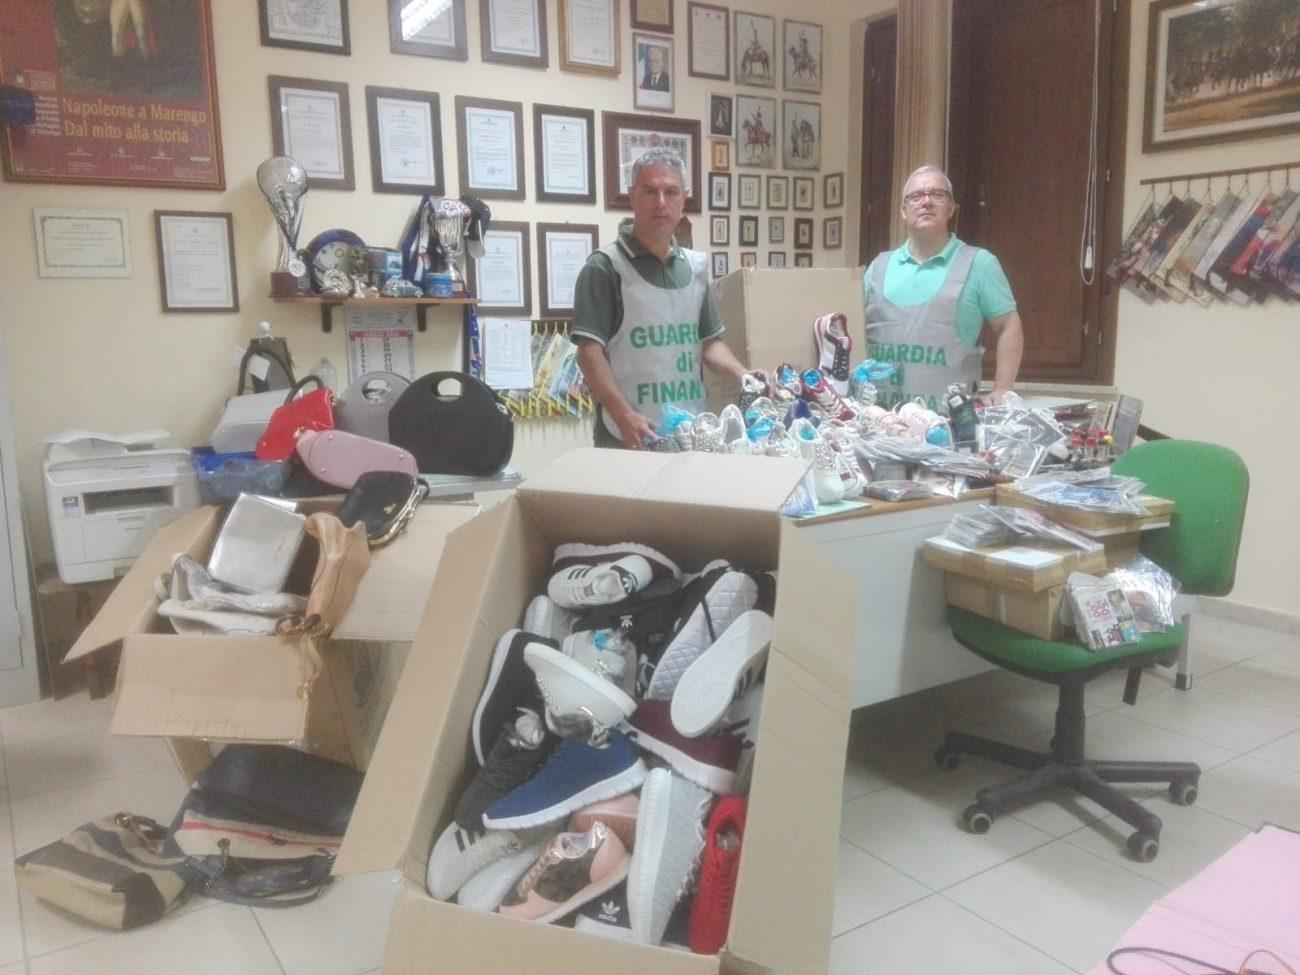 Sequestrati 1000 prodotti contraffatti: denunciato extracomunitario a Caltanissetta